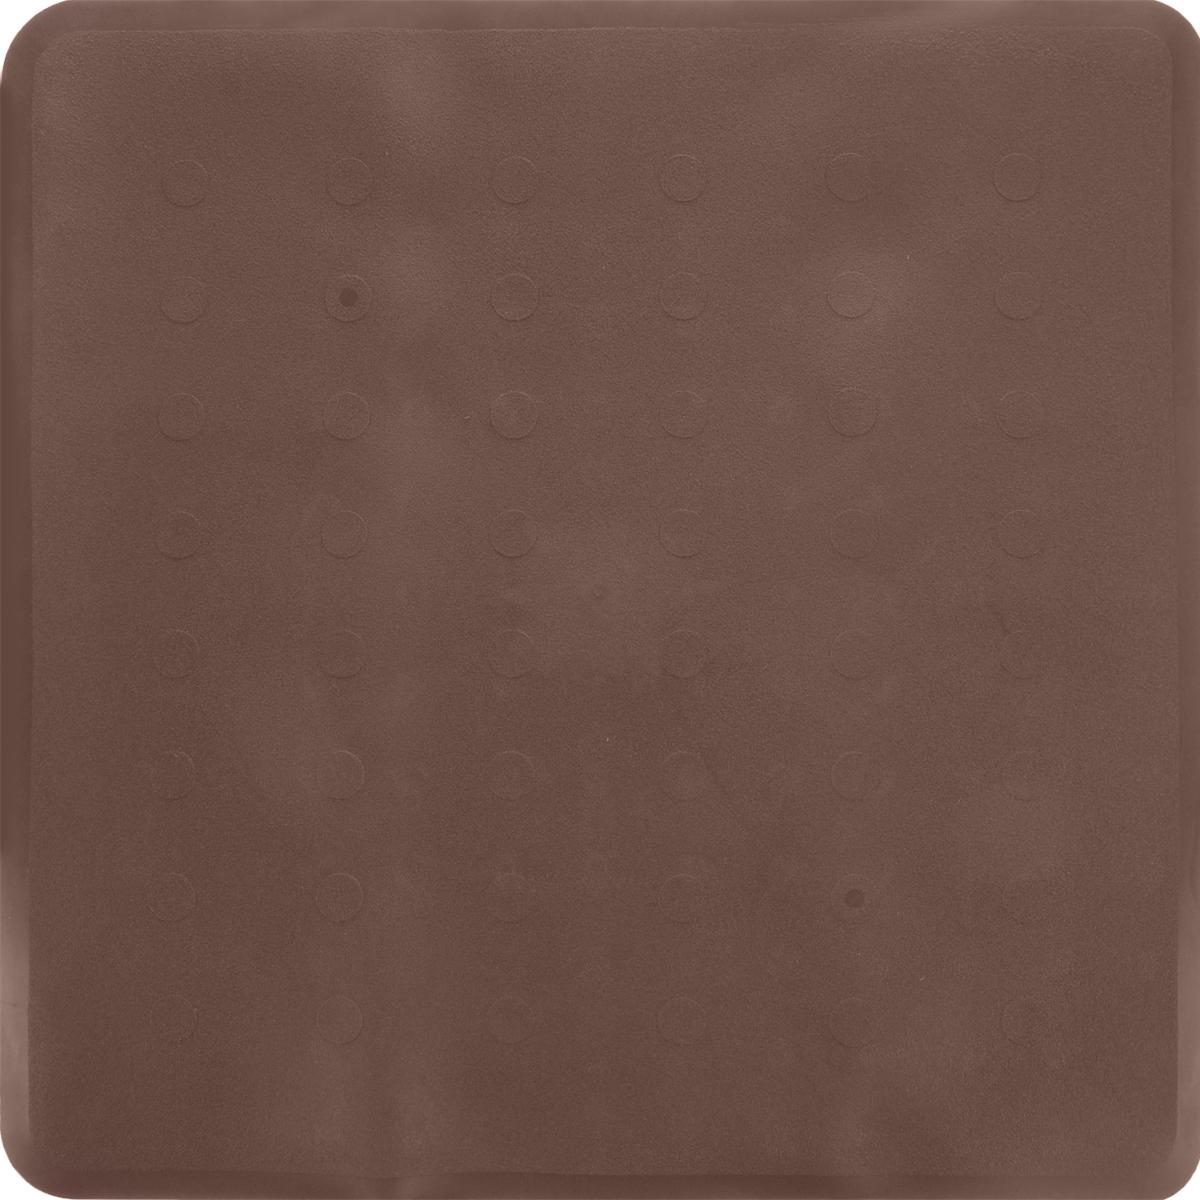 Коврик для ванной Ridder Basic, противоскользящий, на присосках, цвет: коричневый, 51 х 51 см167408Коврик для ванной Ridder Basic, изготовленный из каучука с защитой от плесени и грибка, создает комфортное антискользящее покрытие в ванне. Крепится к поверхности при помощи присосок. Изделие удобно в использовании и легко моется теплой водой.